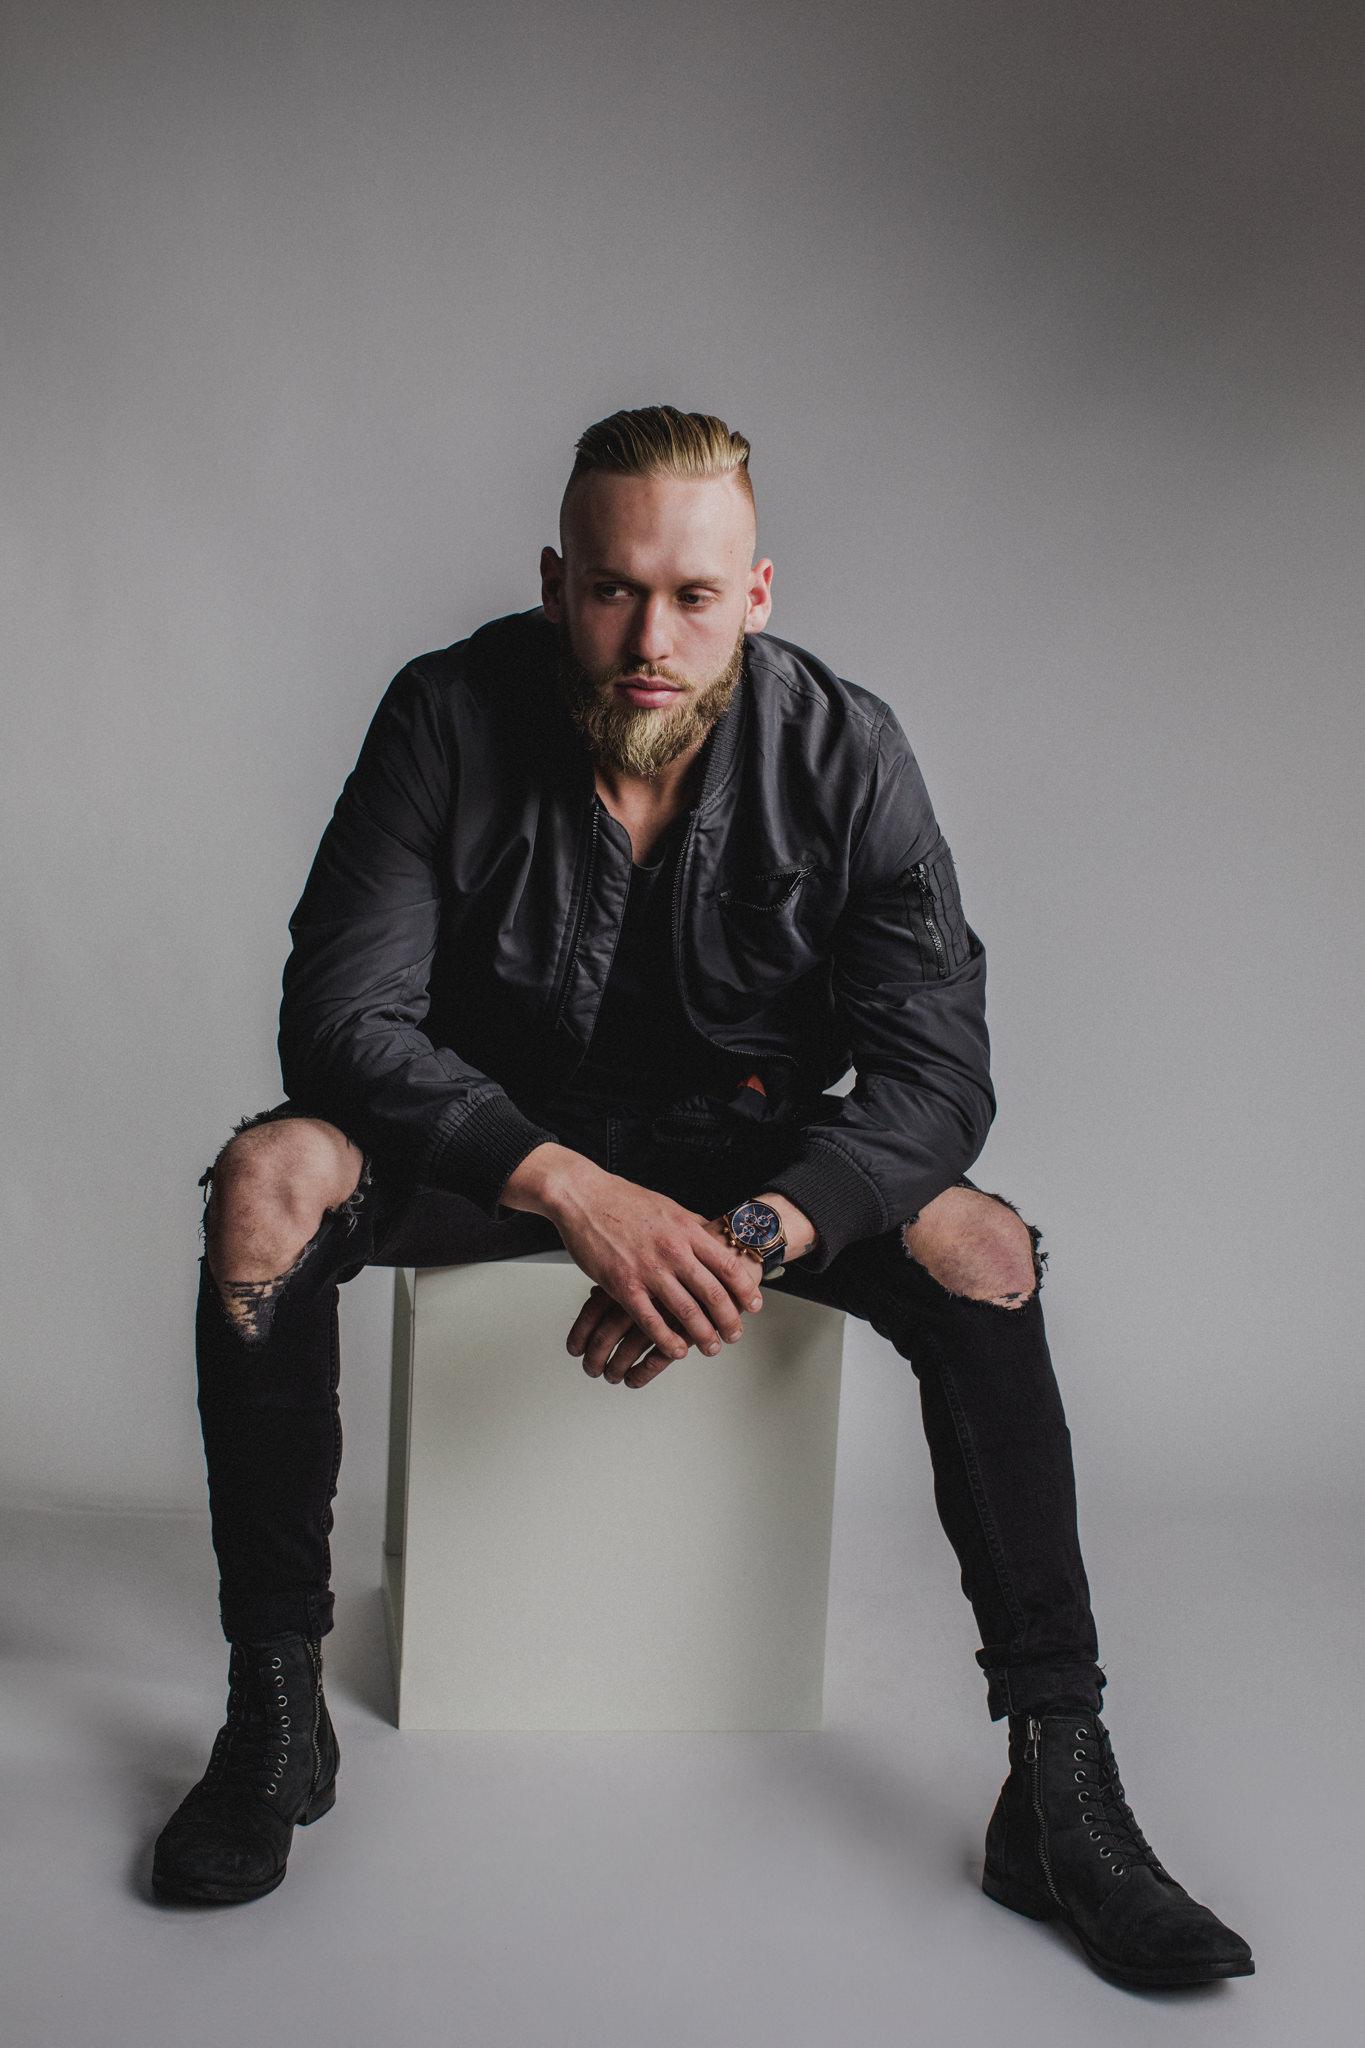 male studio portrait photography in Melbourne